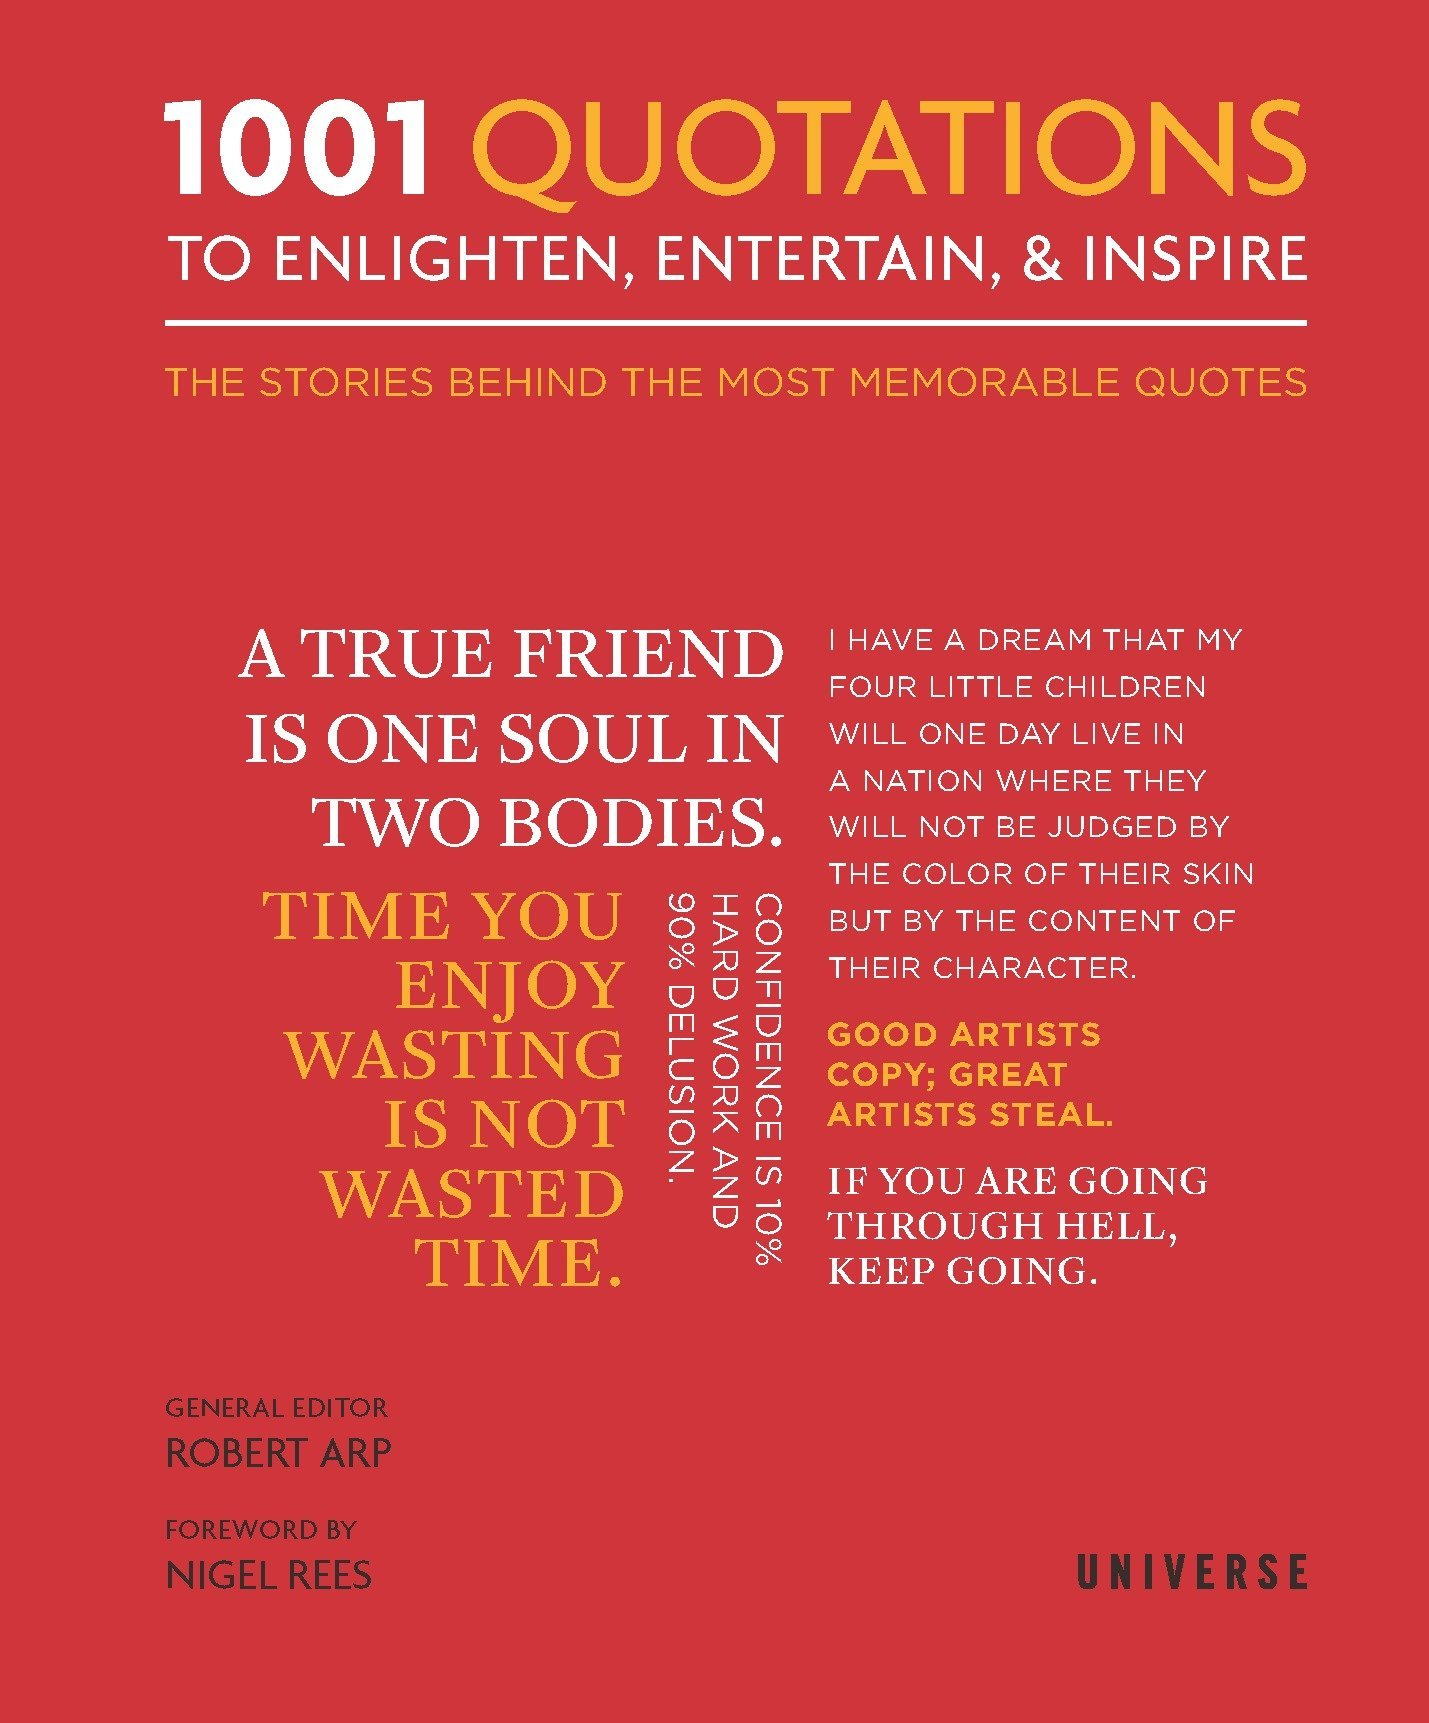 1001 Quotations To Enlighten Entertain And Inspire Robert Arp